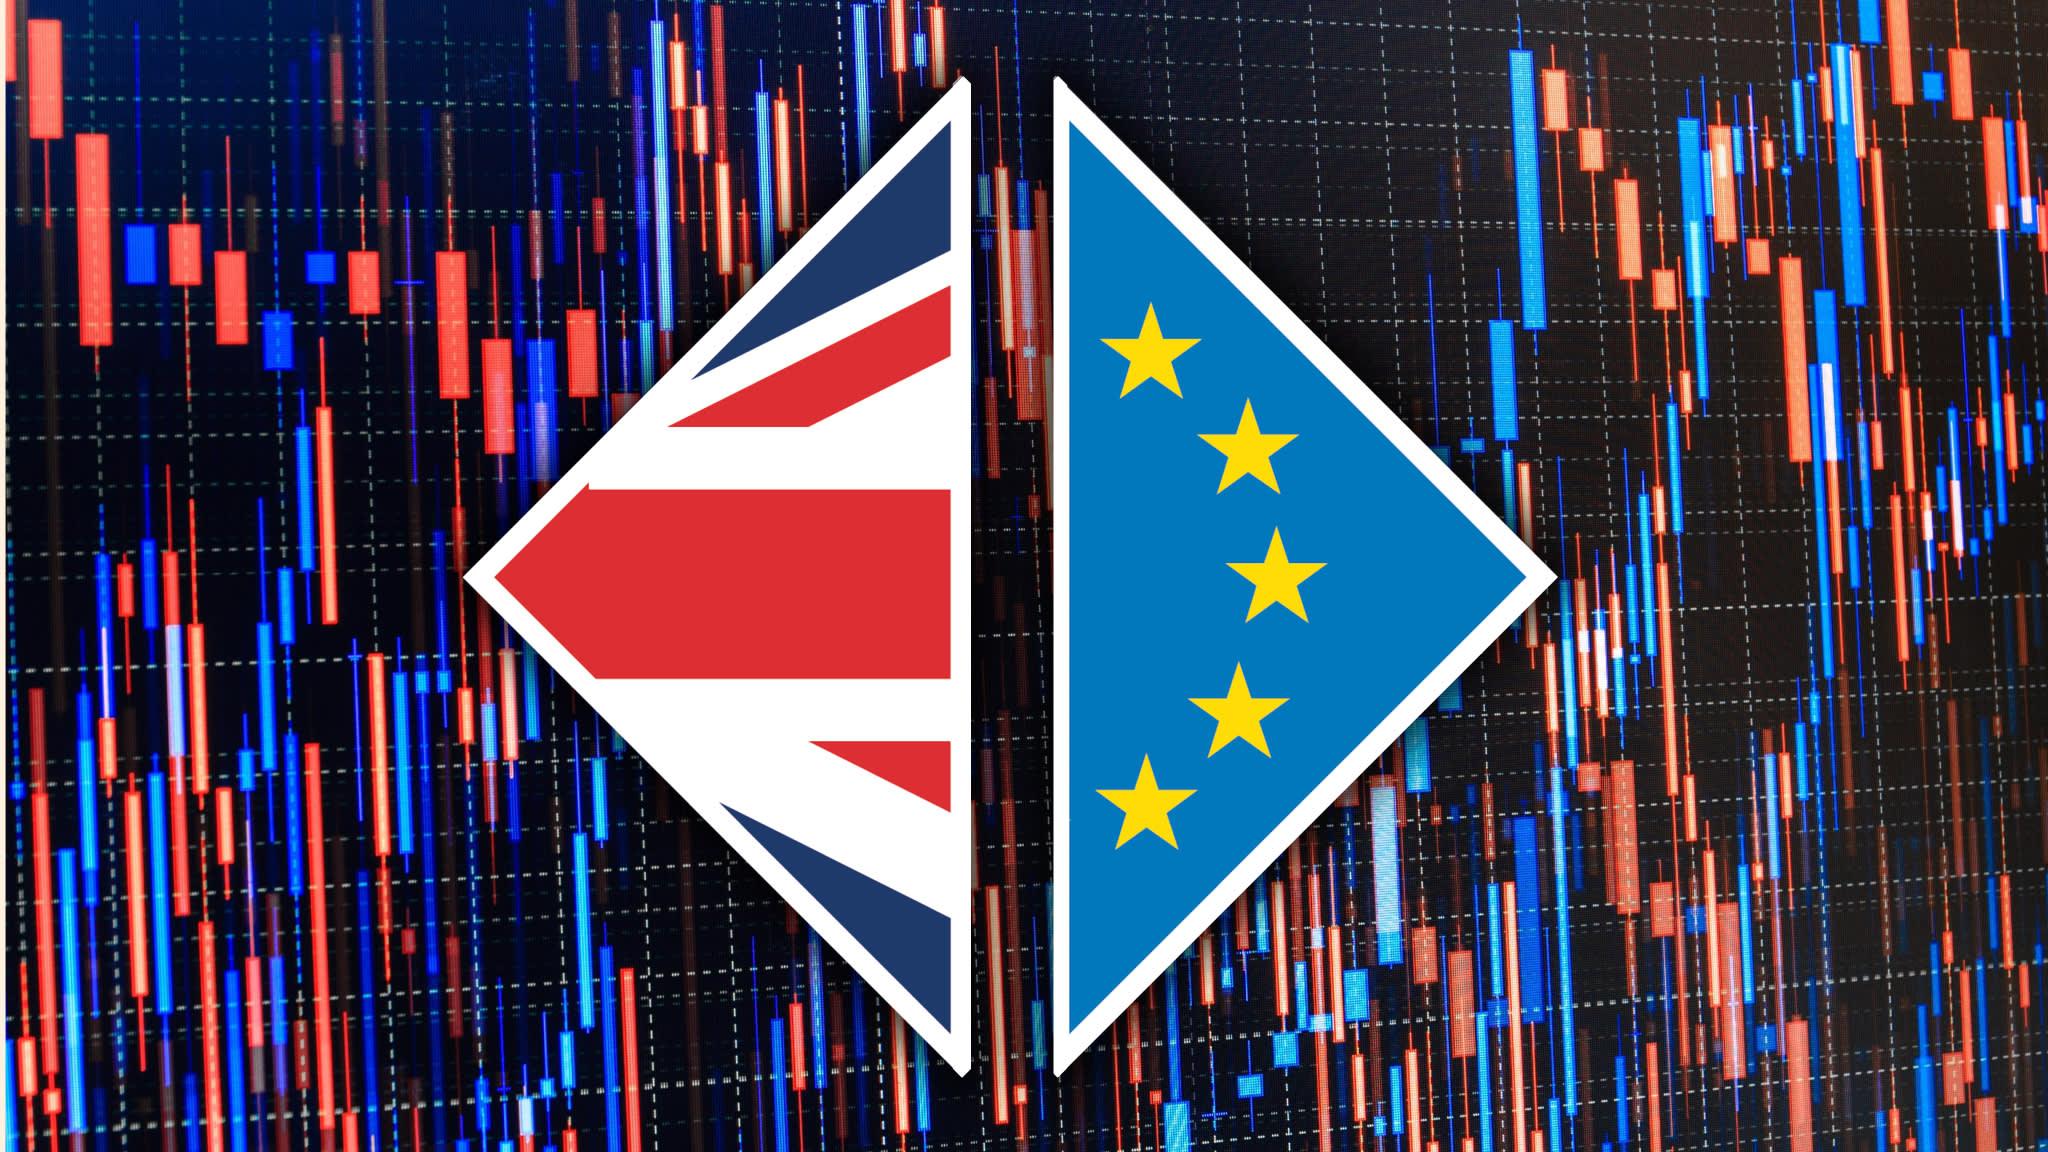 Brexit deal backlash sends investors into defensive territory